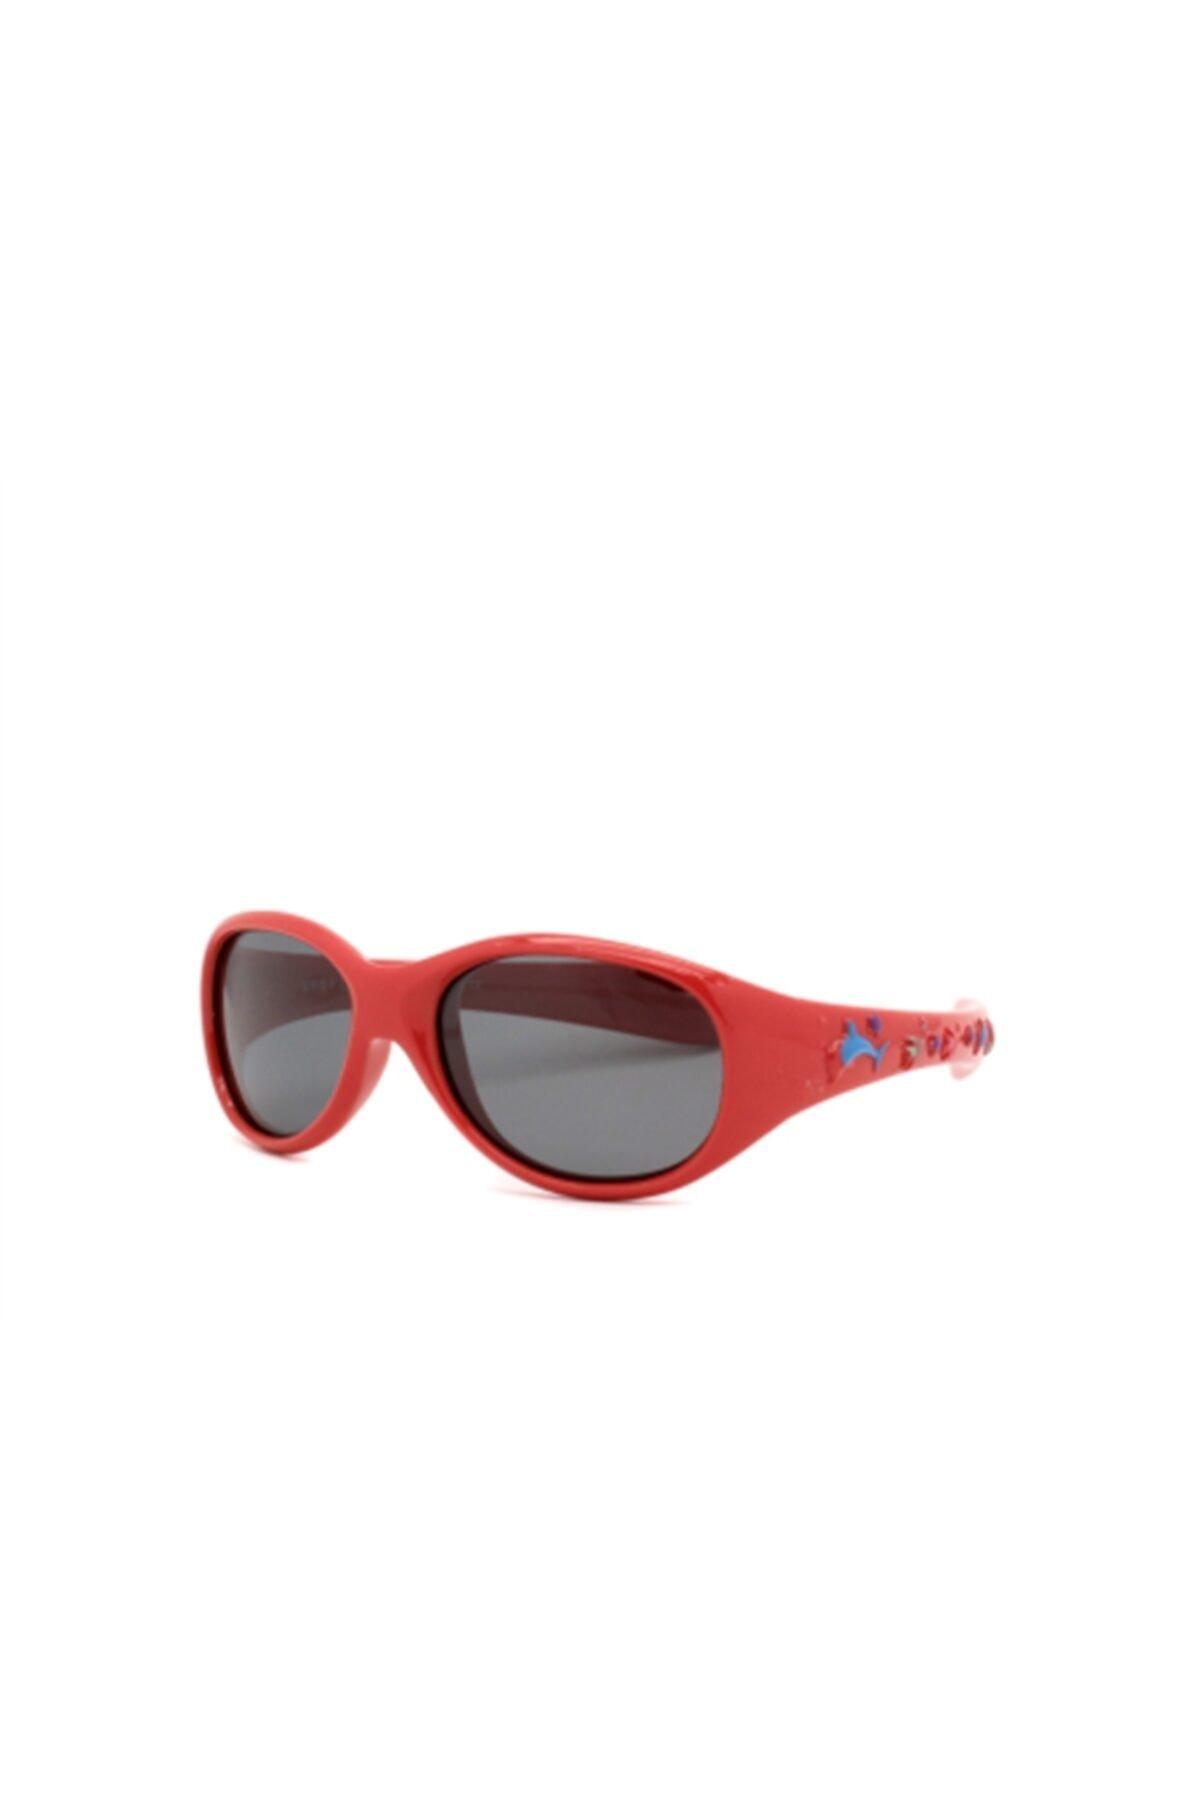 فروش عینک آفتابی بچه گانه دخترانه 2021 برند Osse رنگ قرمز ty32180206